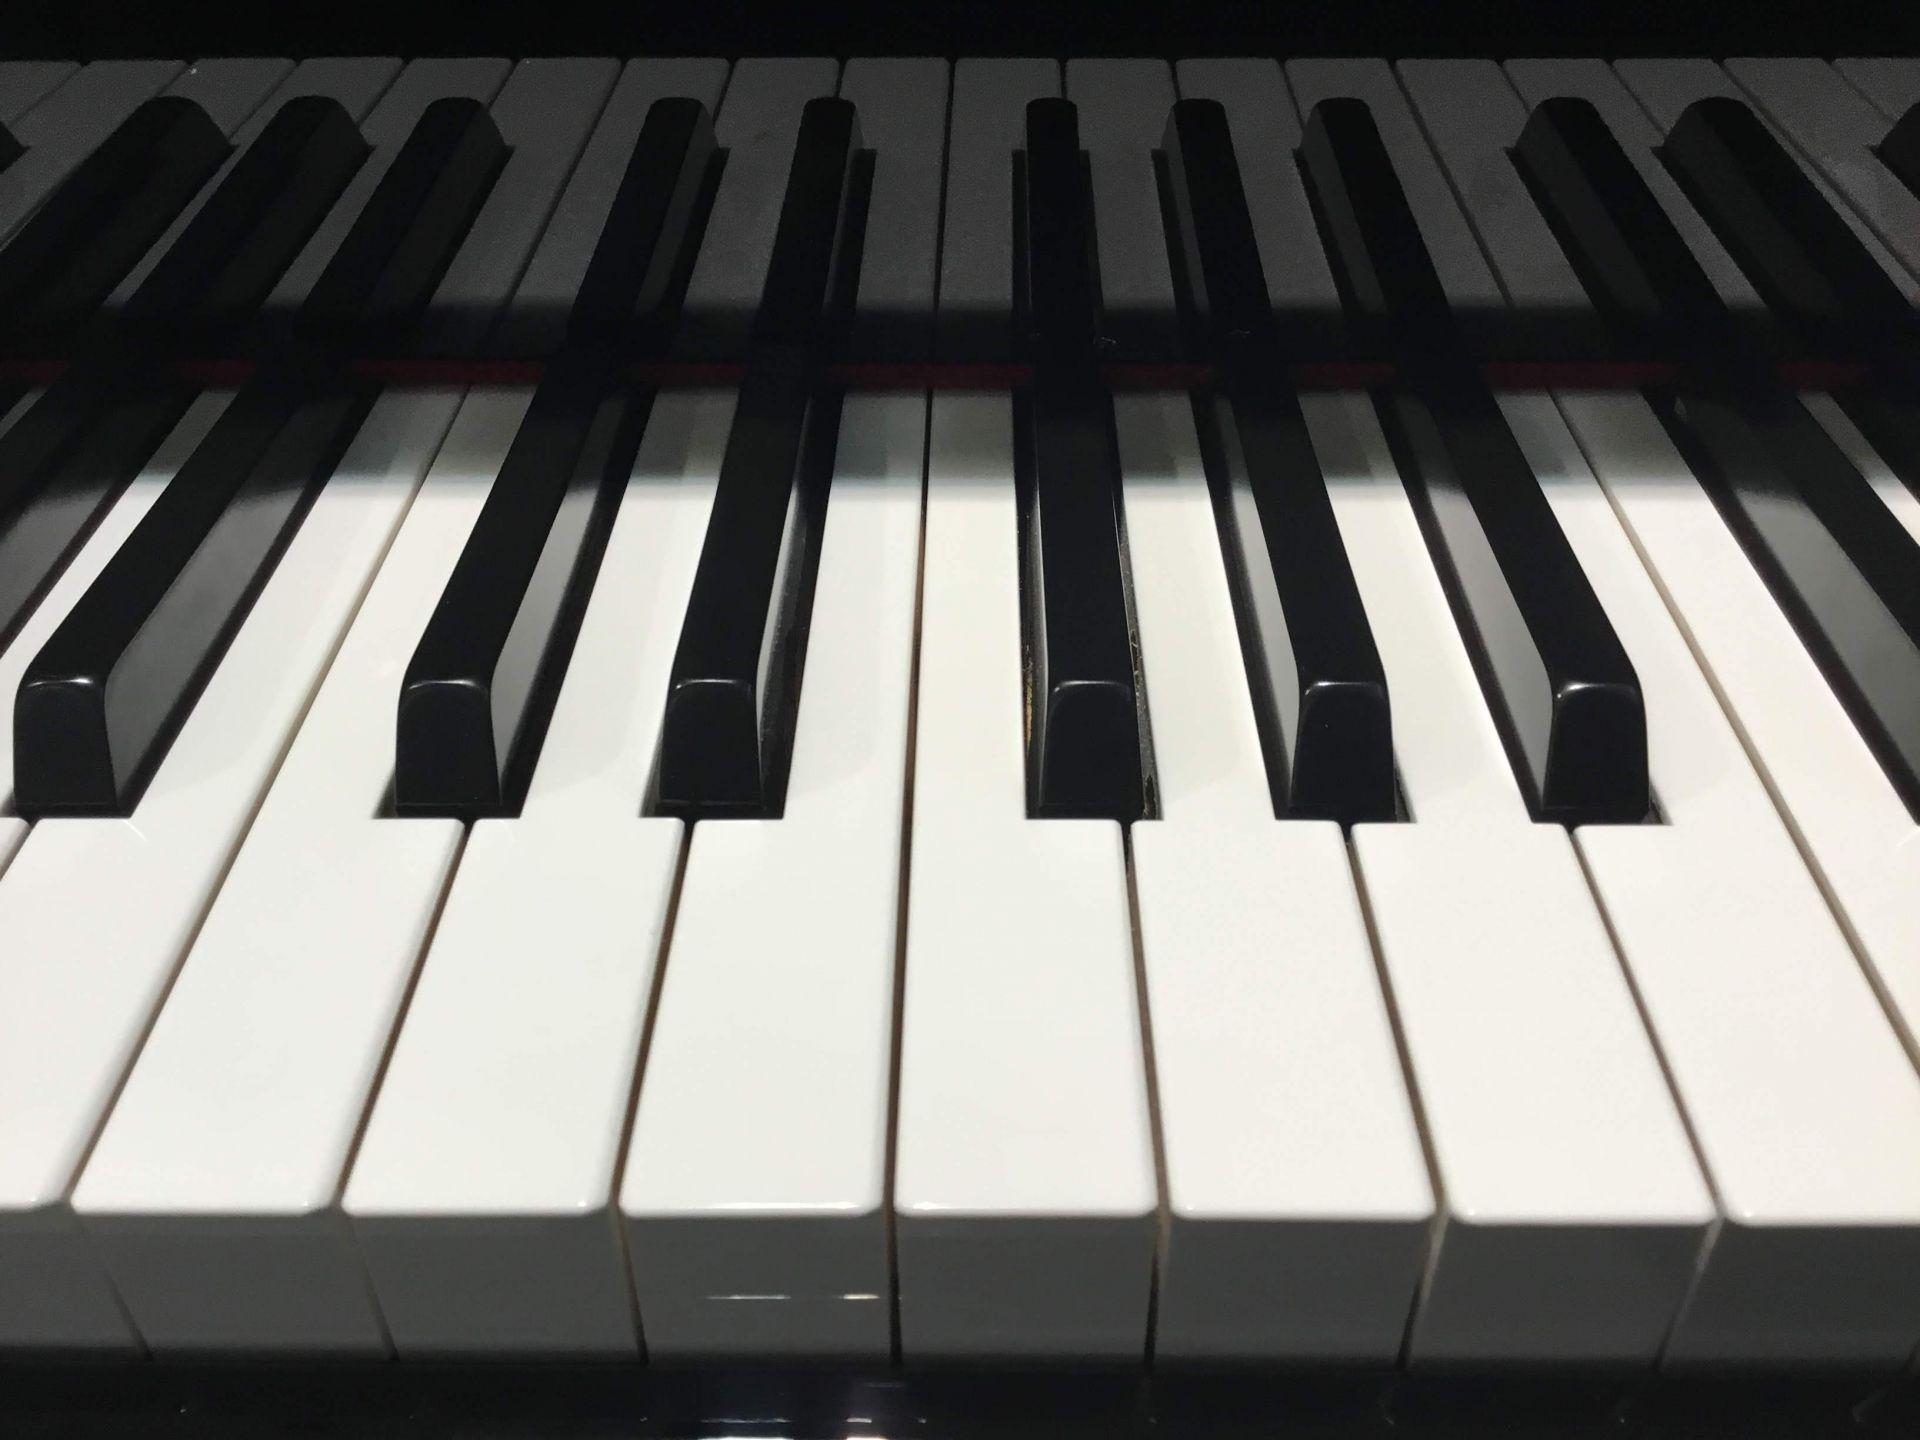 水戸 ピアノ 総合